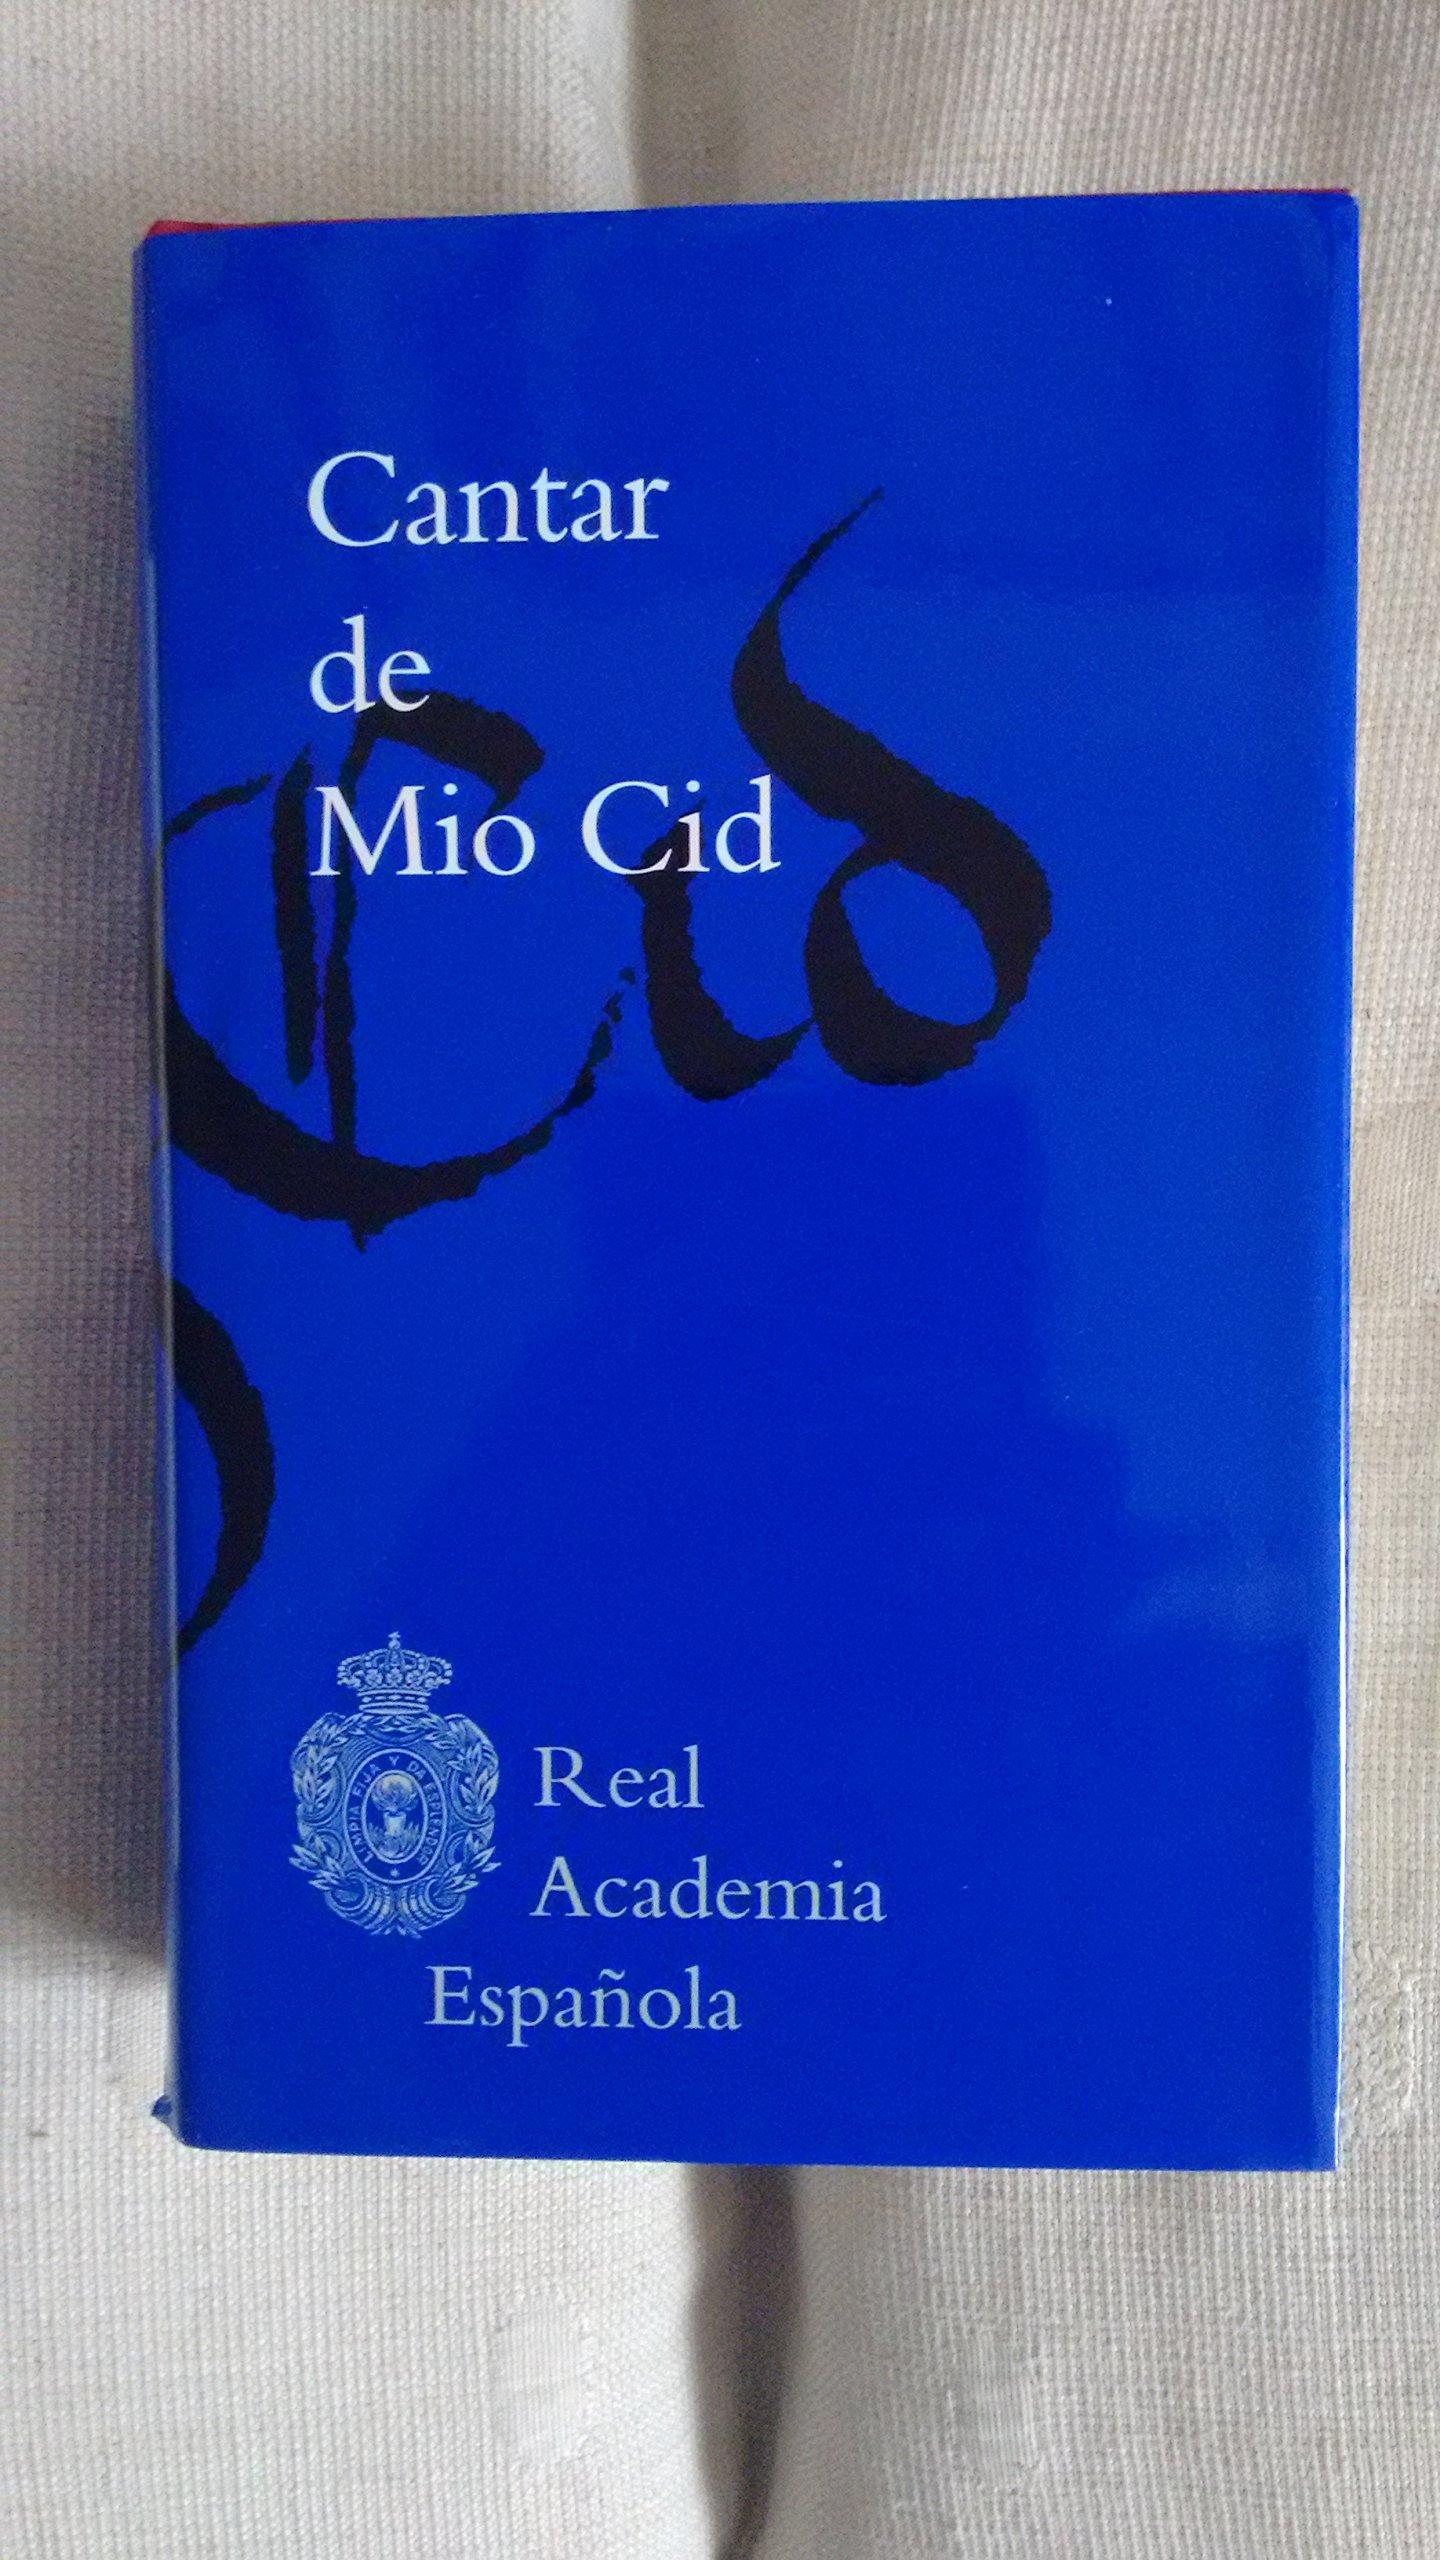 Cantar de Mio Cid (2016) : Amazon.es: Anónimo, Real Academia Española: Libros